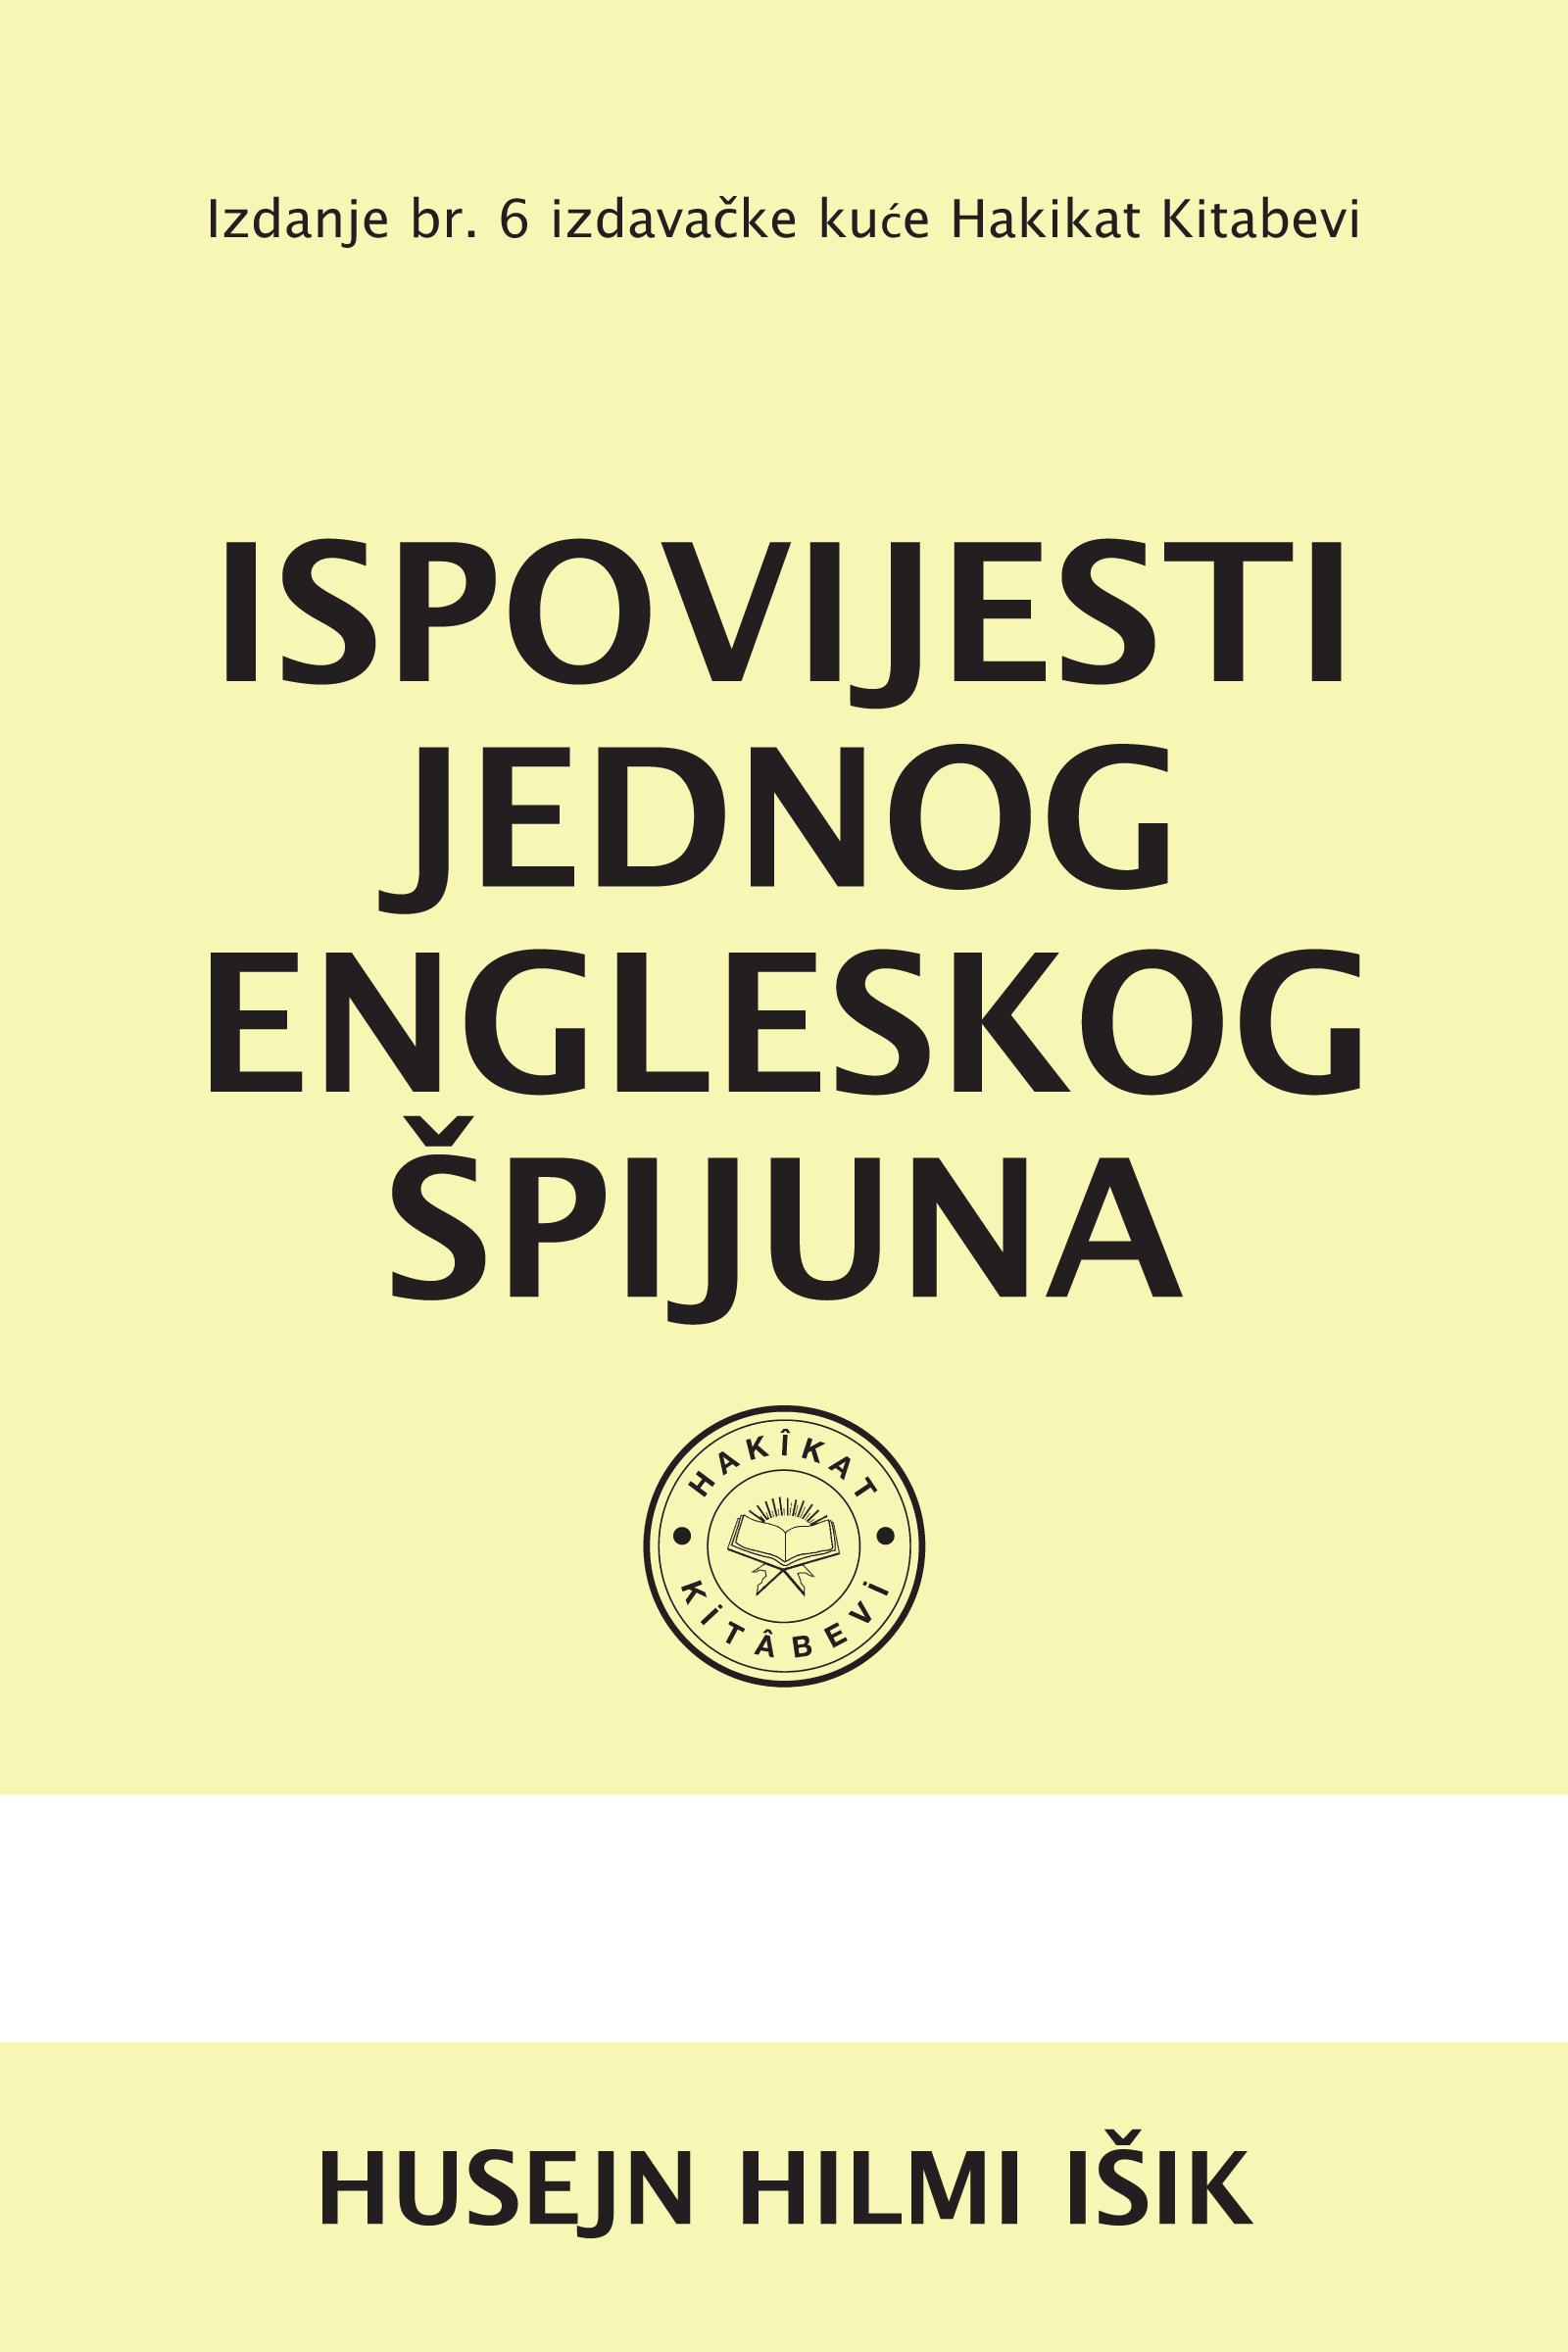 ISPOVIJESTI JEDNOG ENGLESKOG ŠPIJUNA